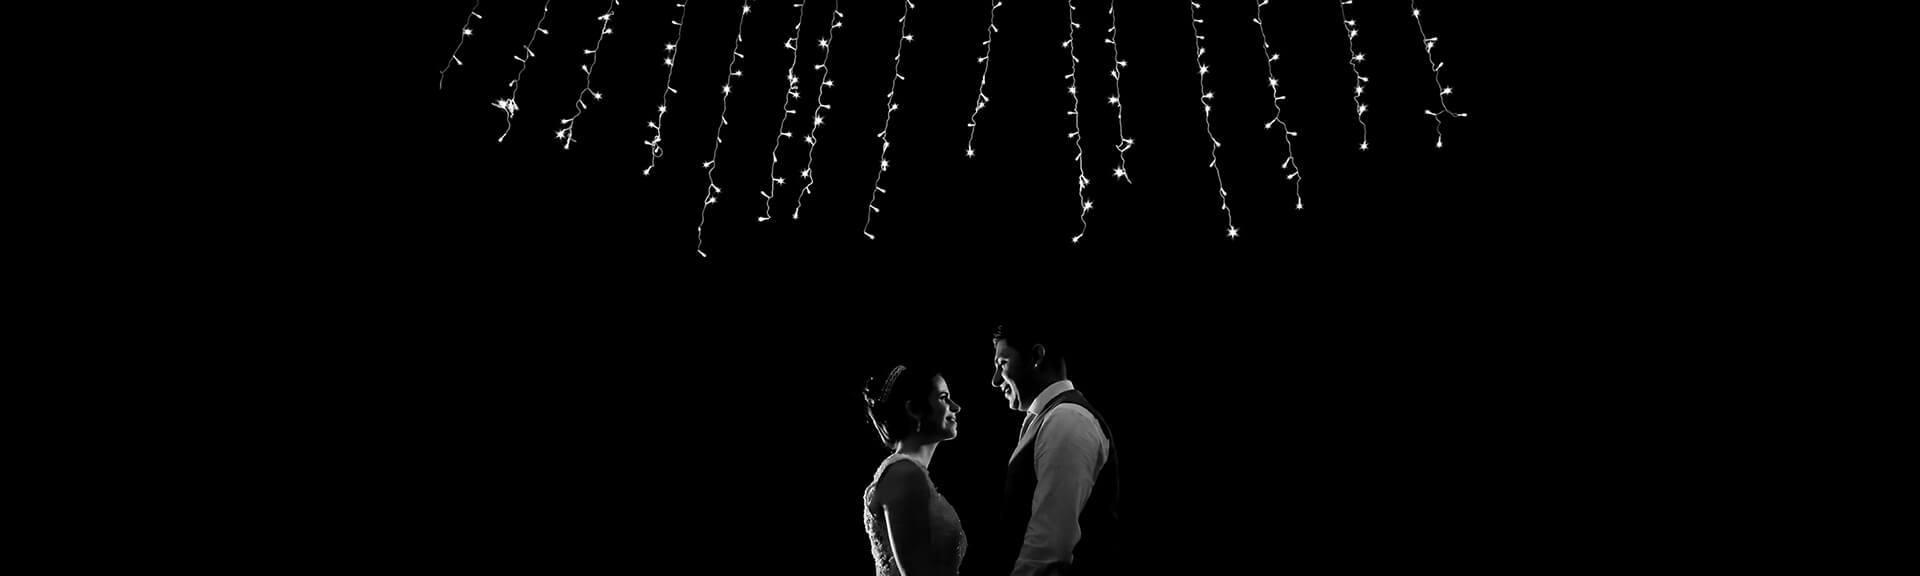 Contate Rossinis Imagens - Fotografo de Casamento em Suzano, Poá, Mogi das Cruzes, Região do Alto Tietê, São Paulo | Estúdio Especializado em Gestantes e Newborn